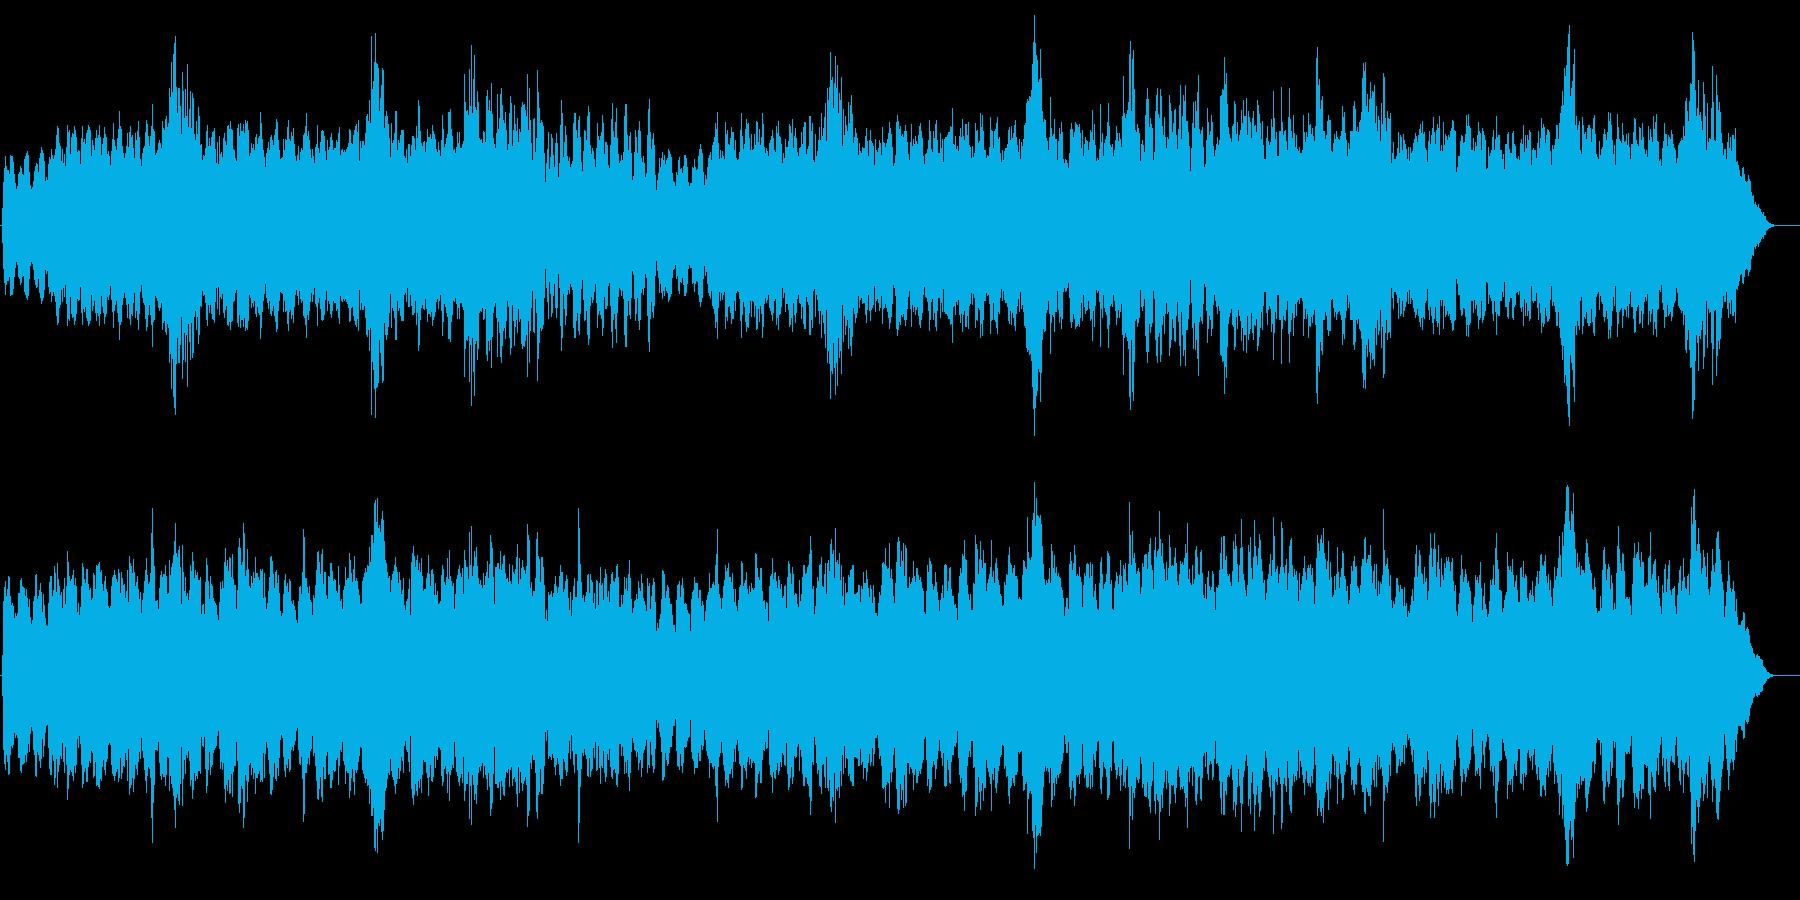 ドキュメンタリー系 大気圏宇宙風サウンドの再生済みの波形